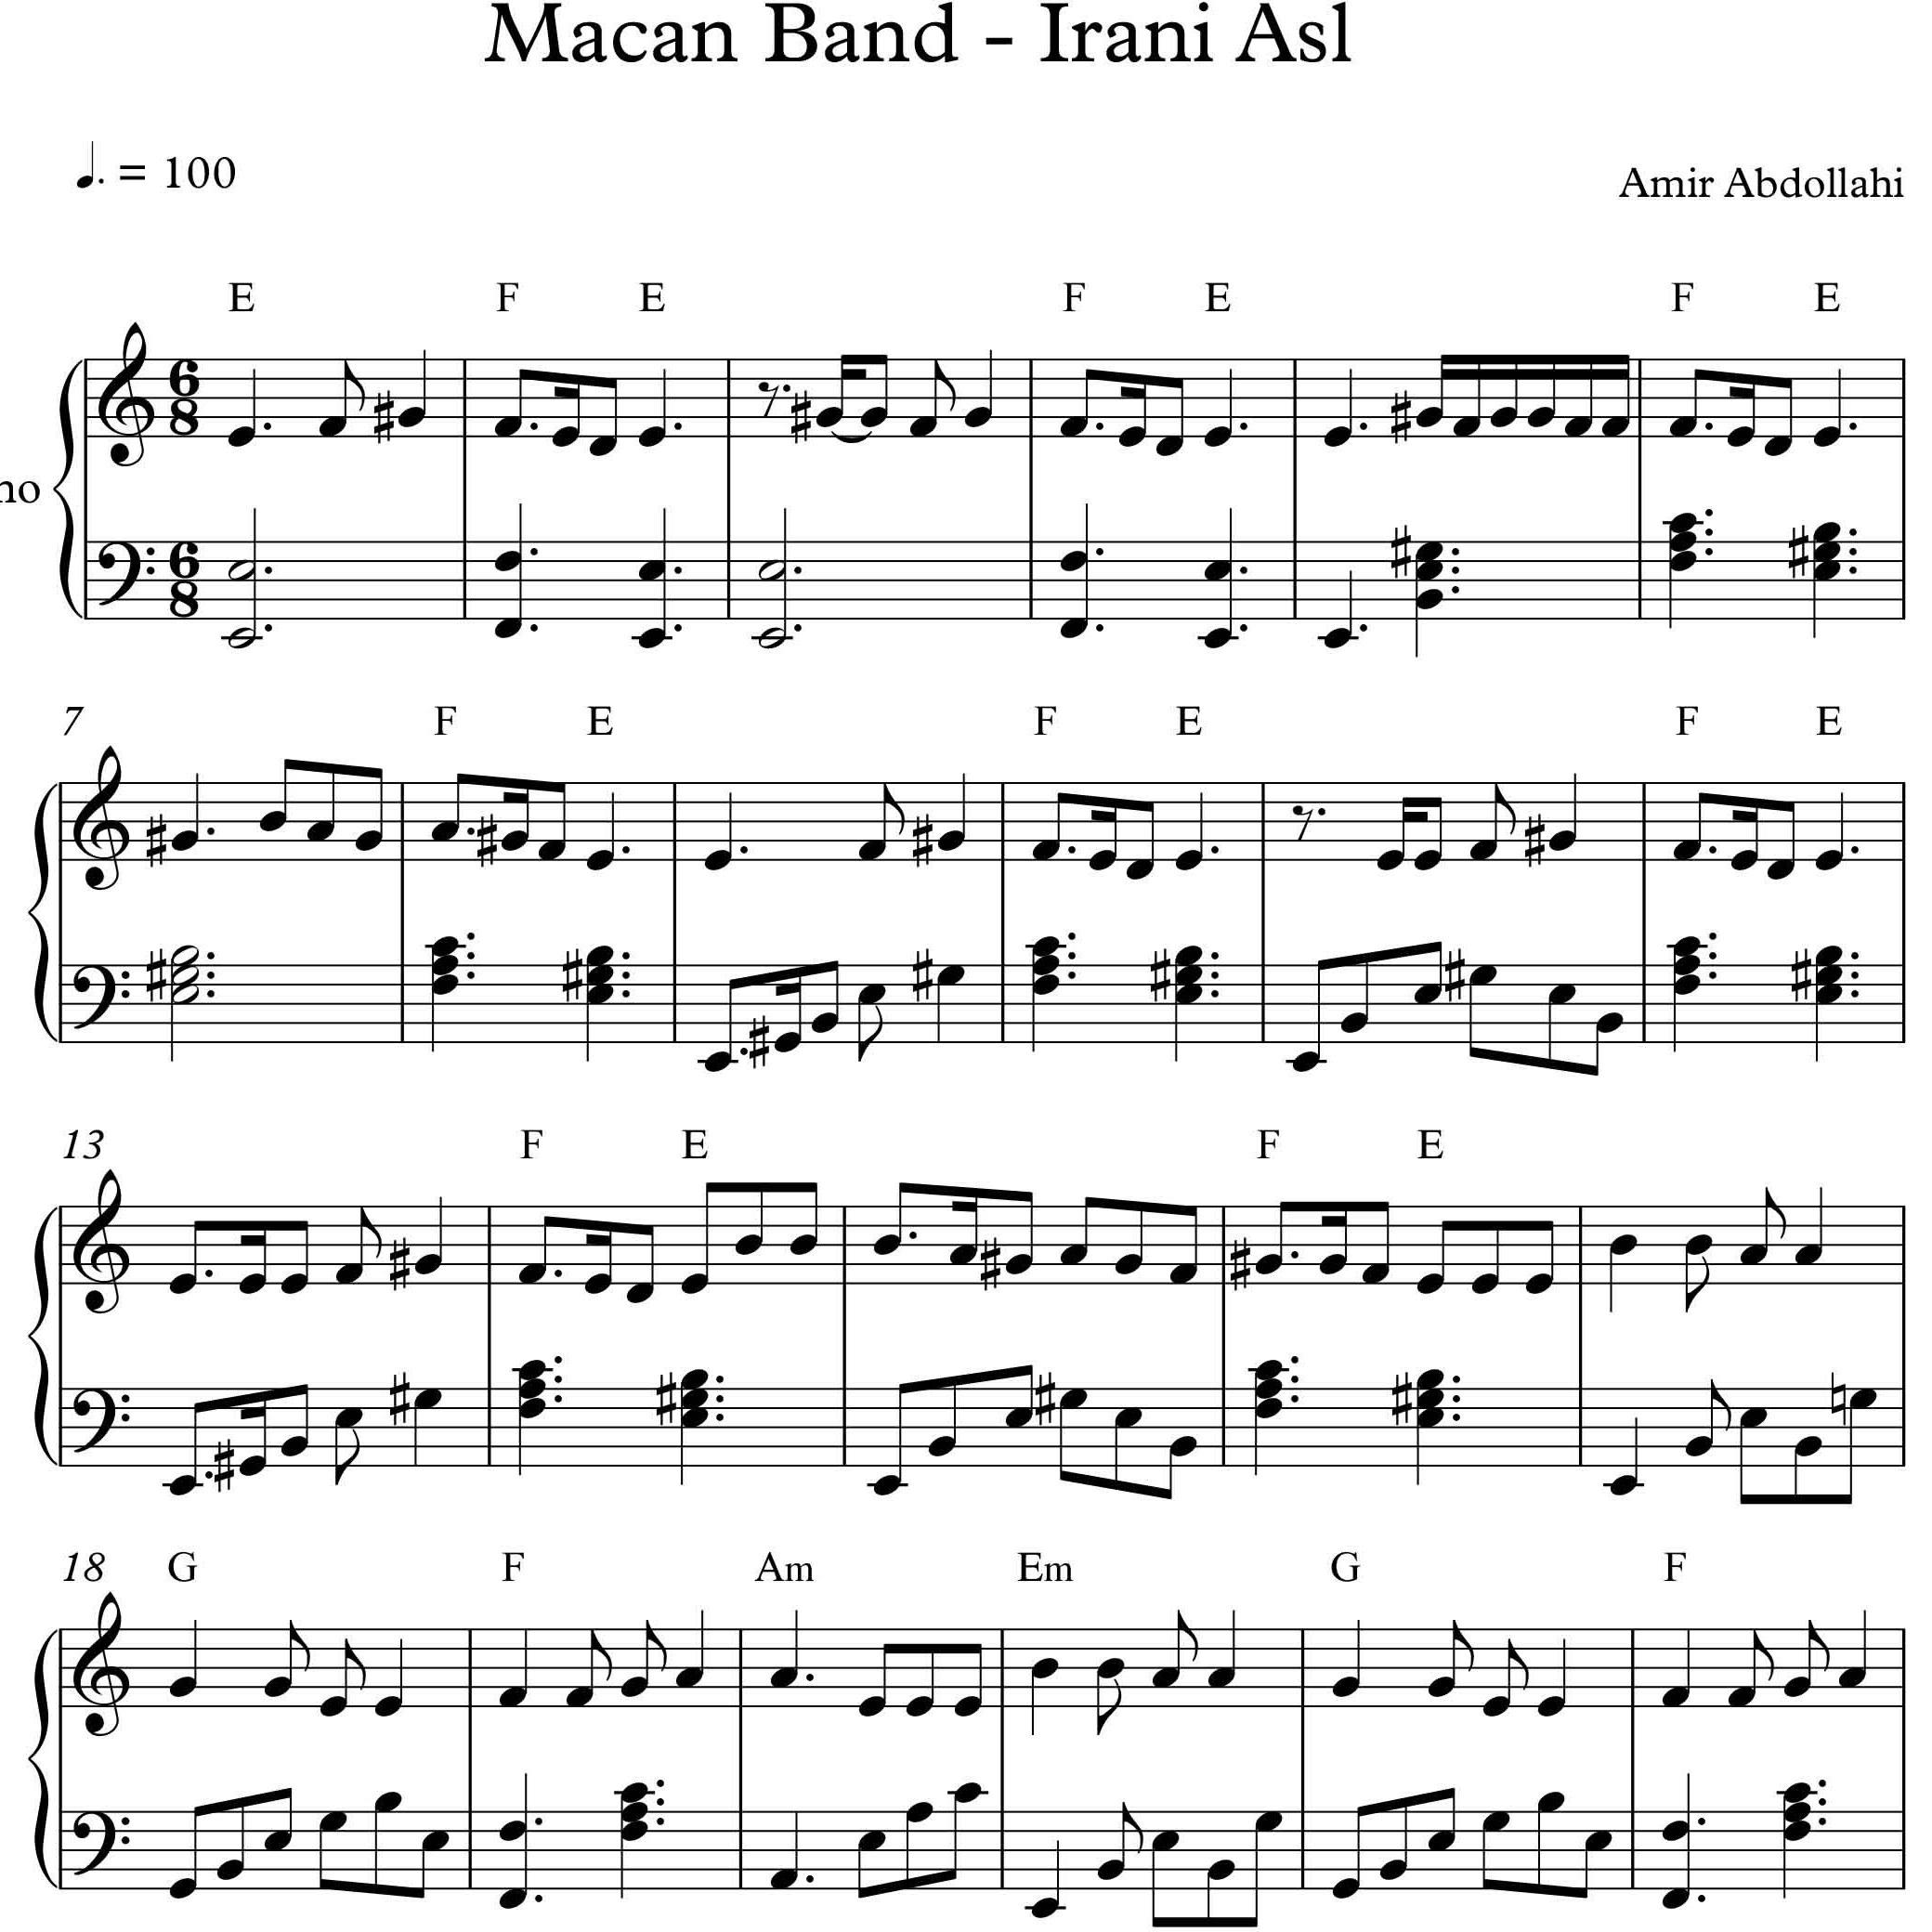 نت آهنگ ایرانی اصل از ماکان بند برای پیانو با تنظیم امیر عبدالهی |